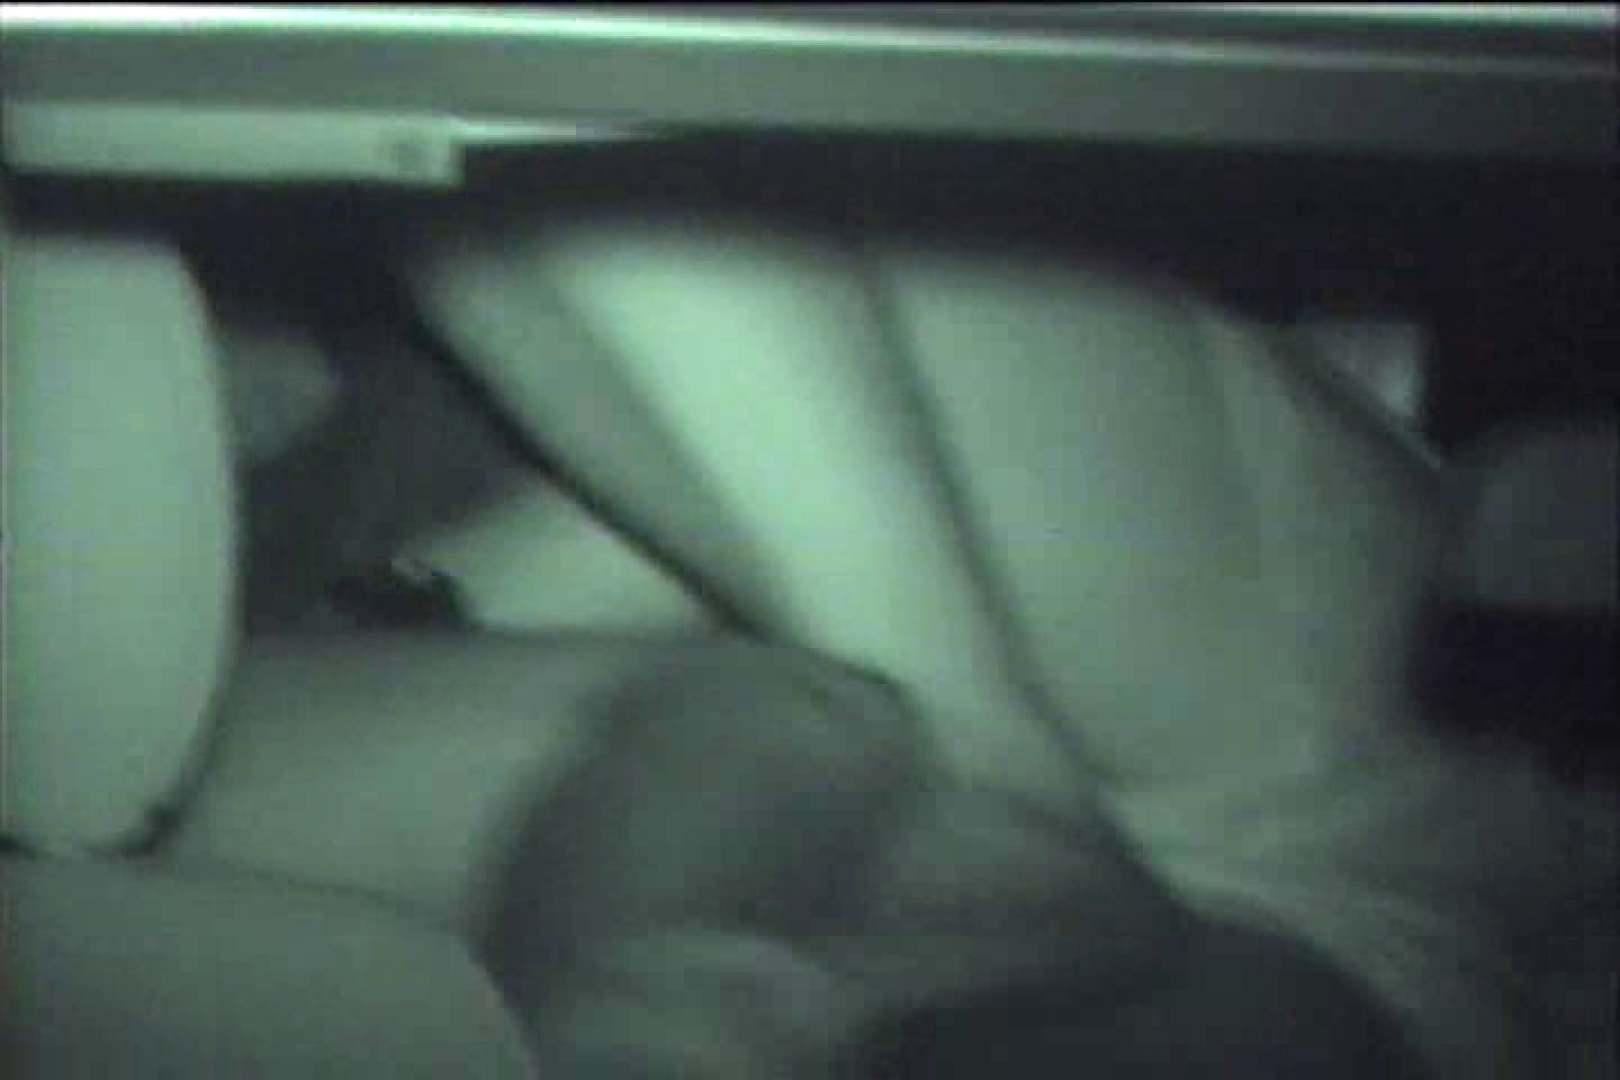 車の中はラブホテル 無修正版  Vol.17 車 AV無料 104連発 34